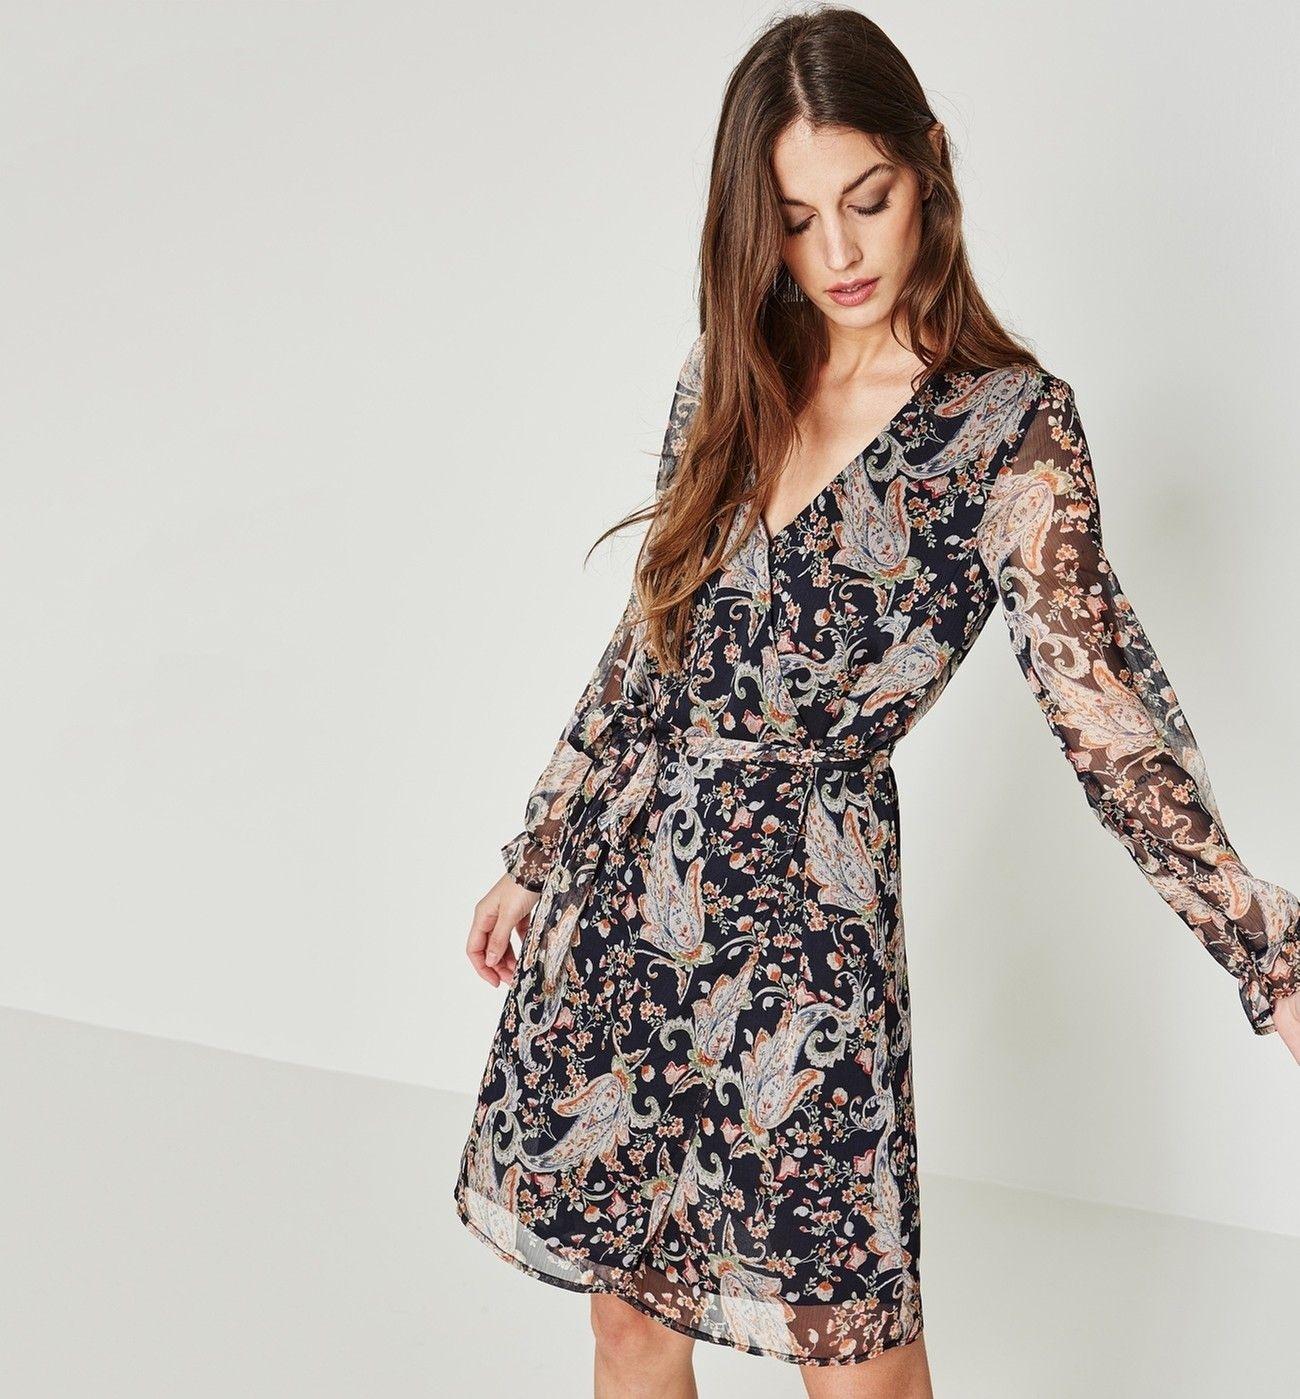 13 Cool Damen Sommerkleider Galerie20 Erstaunlich Damen Sommerkleider Stylish